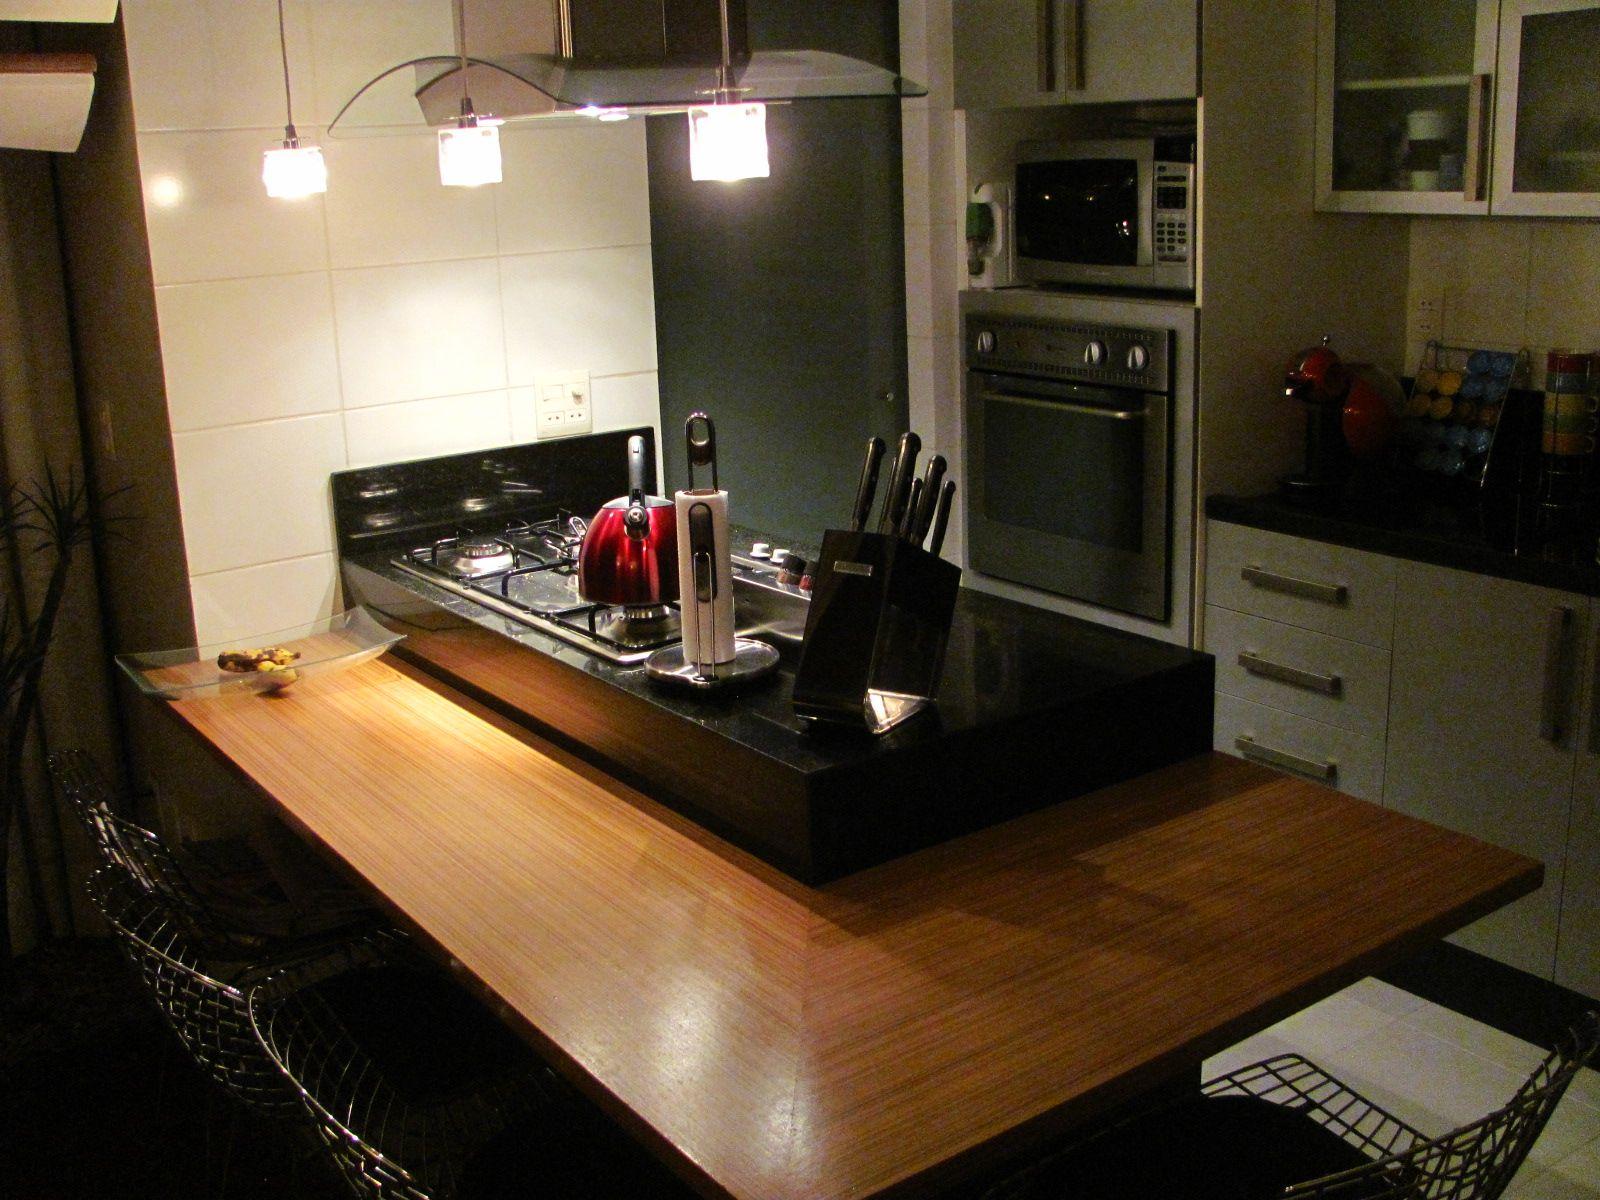 Cozinha Ilha Apartamento Pequeno Pesquisa Google Neto Gavea